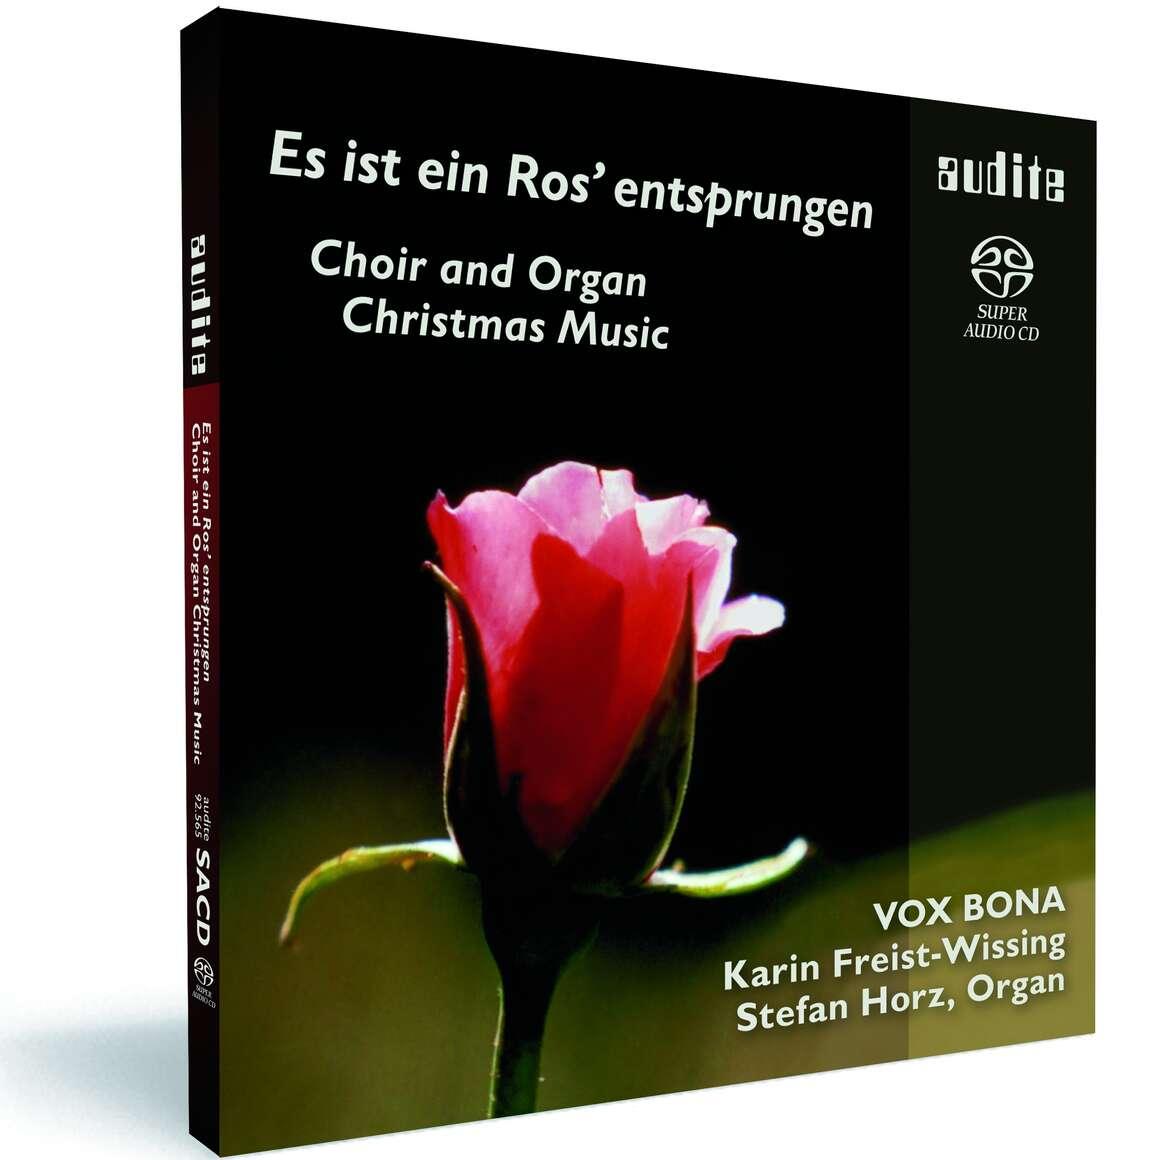 Es ist ein Ros' entsprungen – Choir and Organ Christmas Music